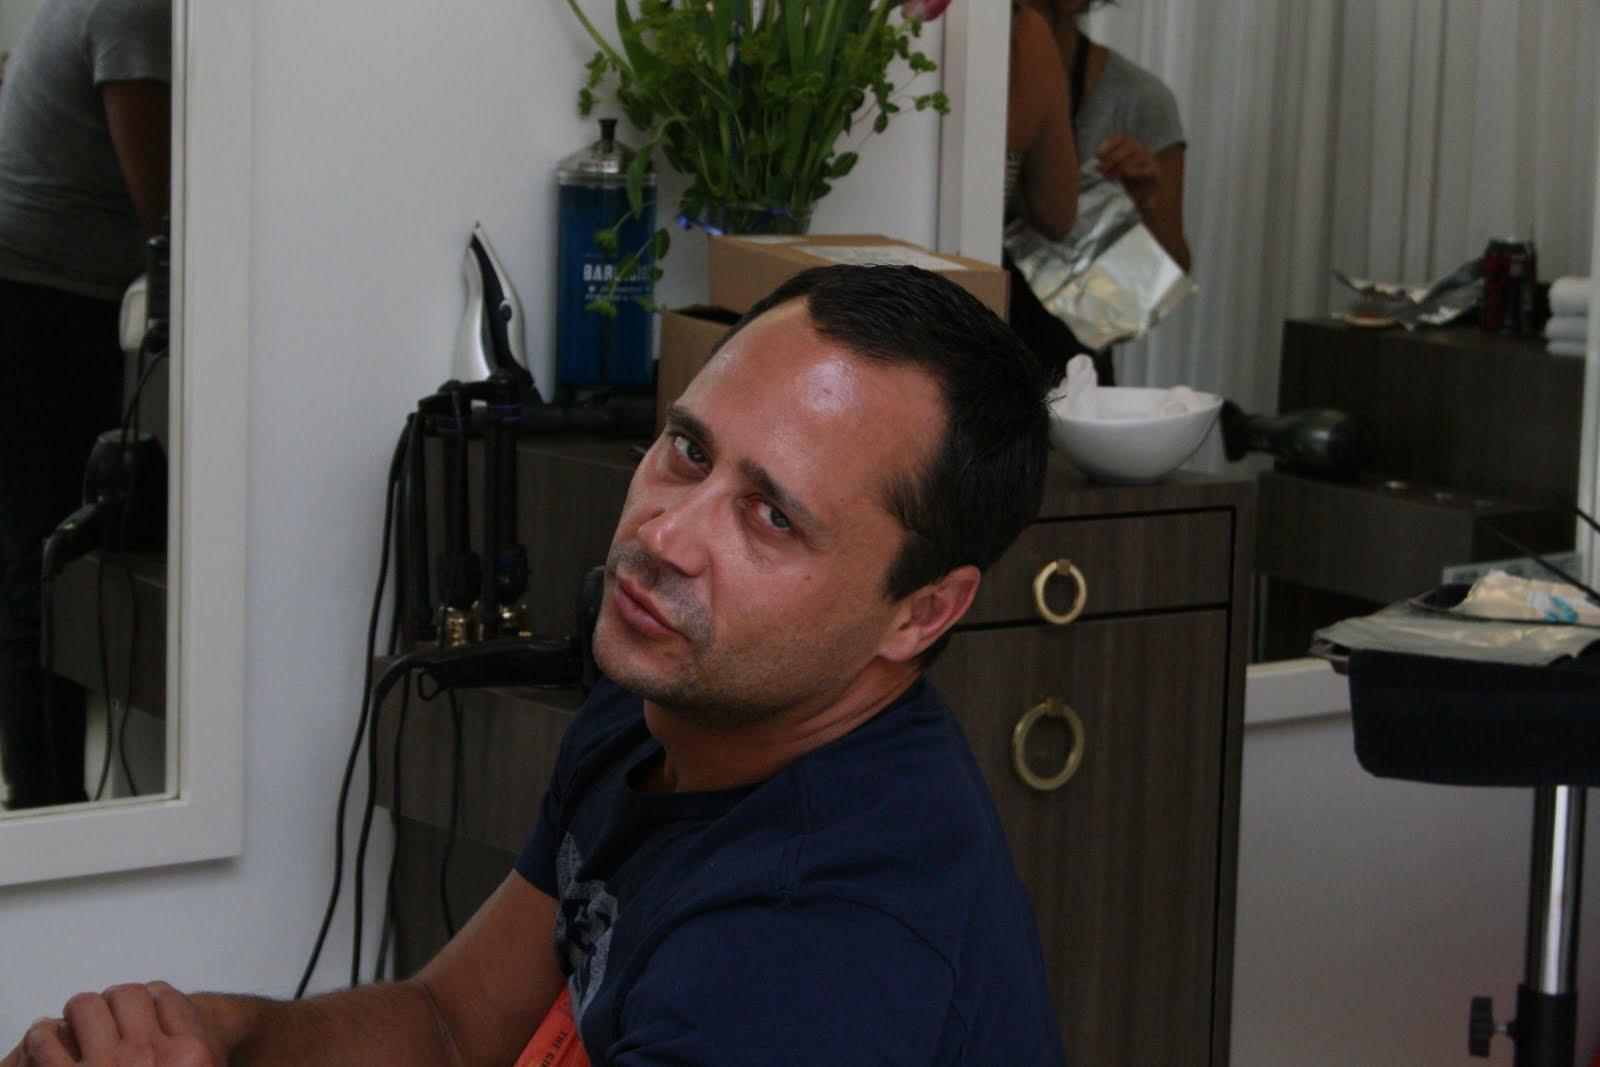 http://1.bp.blogspot.com/_Ama0bG0d-3o/TBgW9u-ck_I/AAAAAAAAAMA/7BjiOX5s8Jk/s1600/Justin.jpg